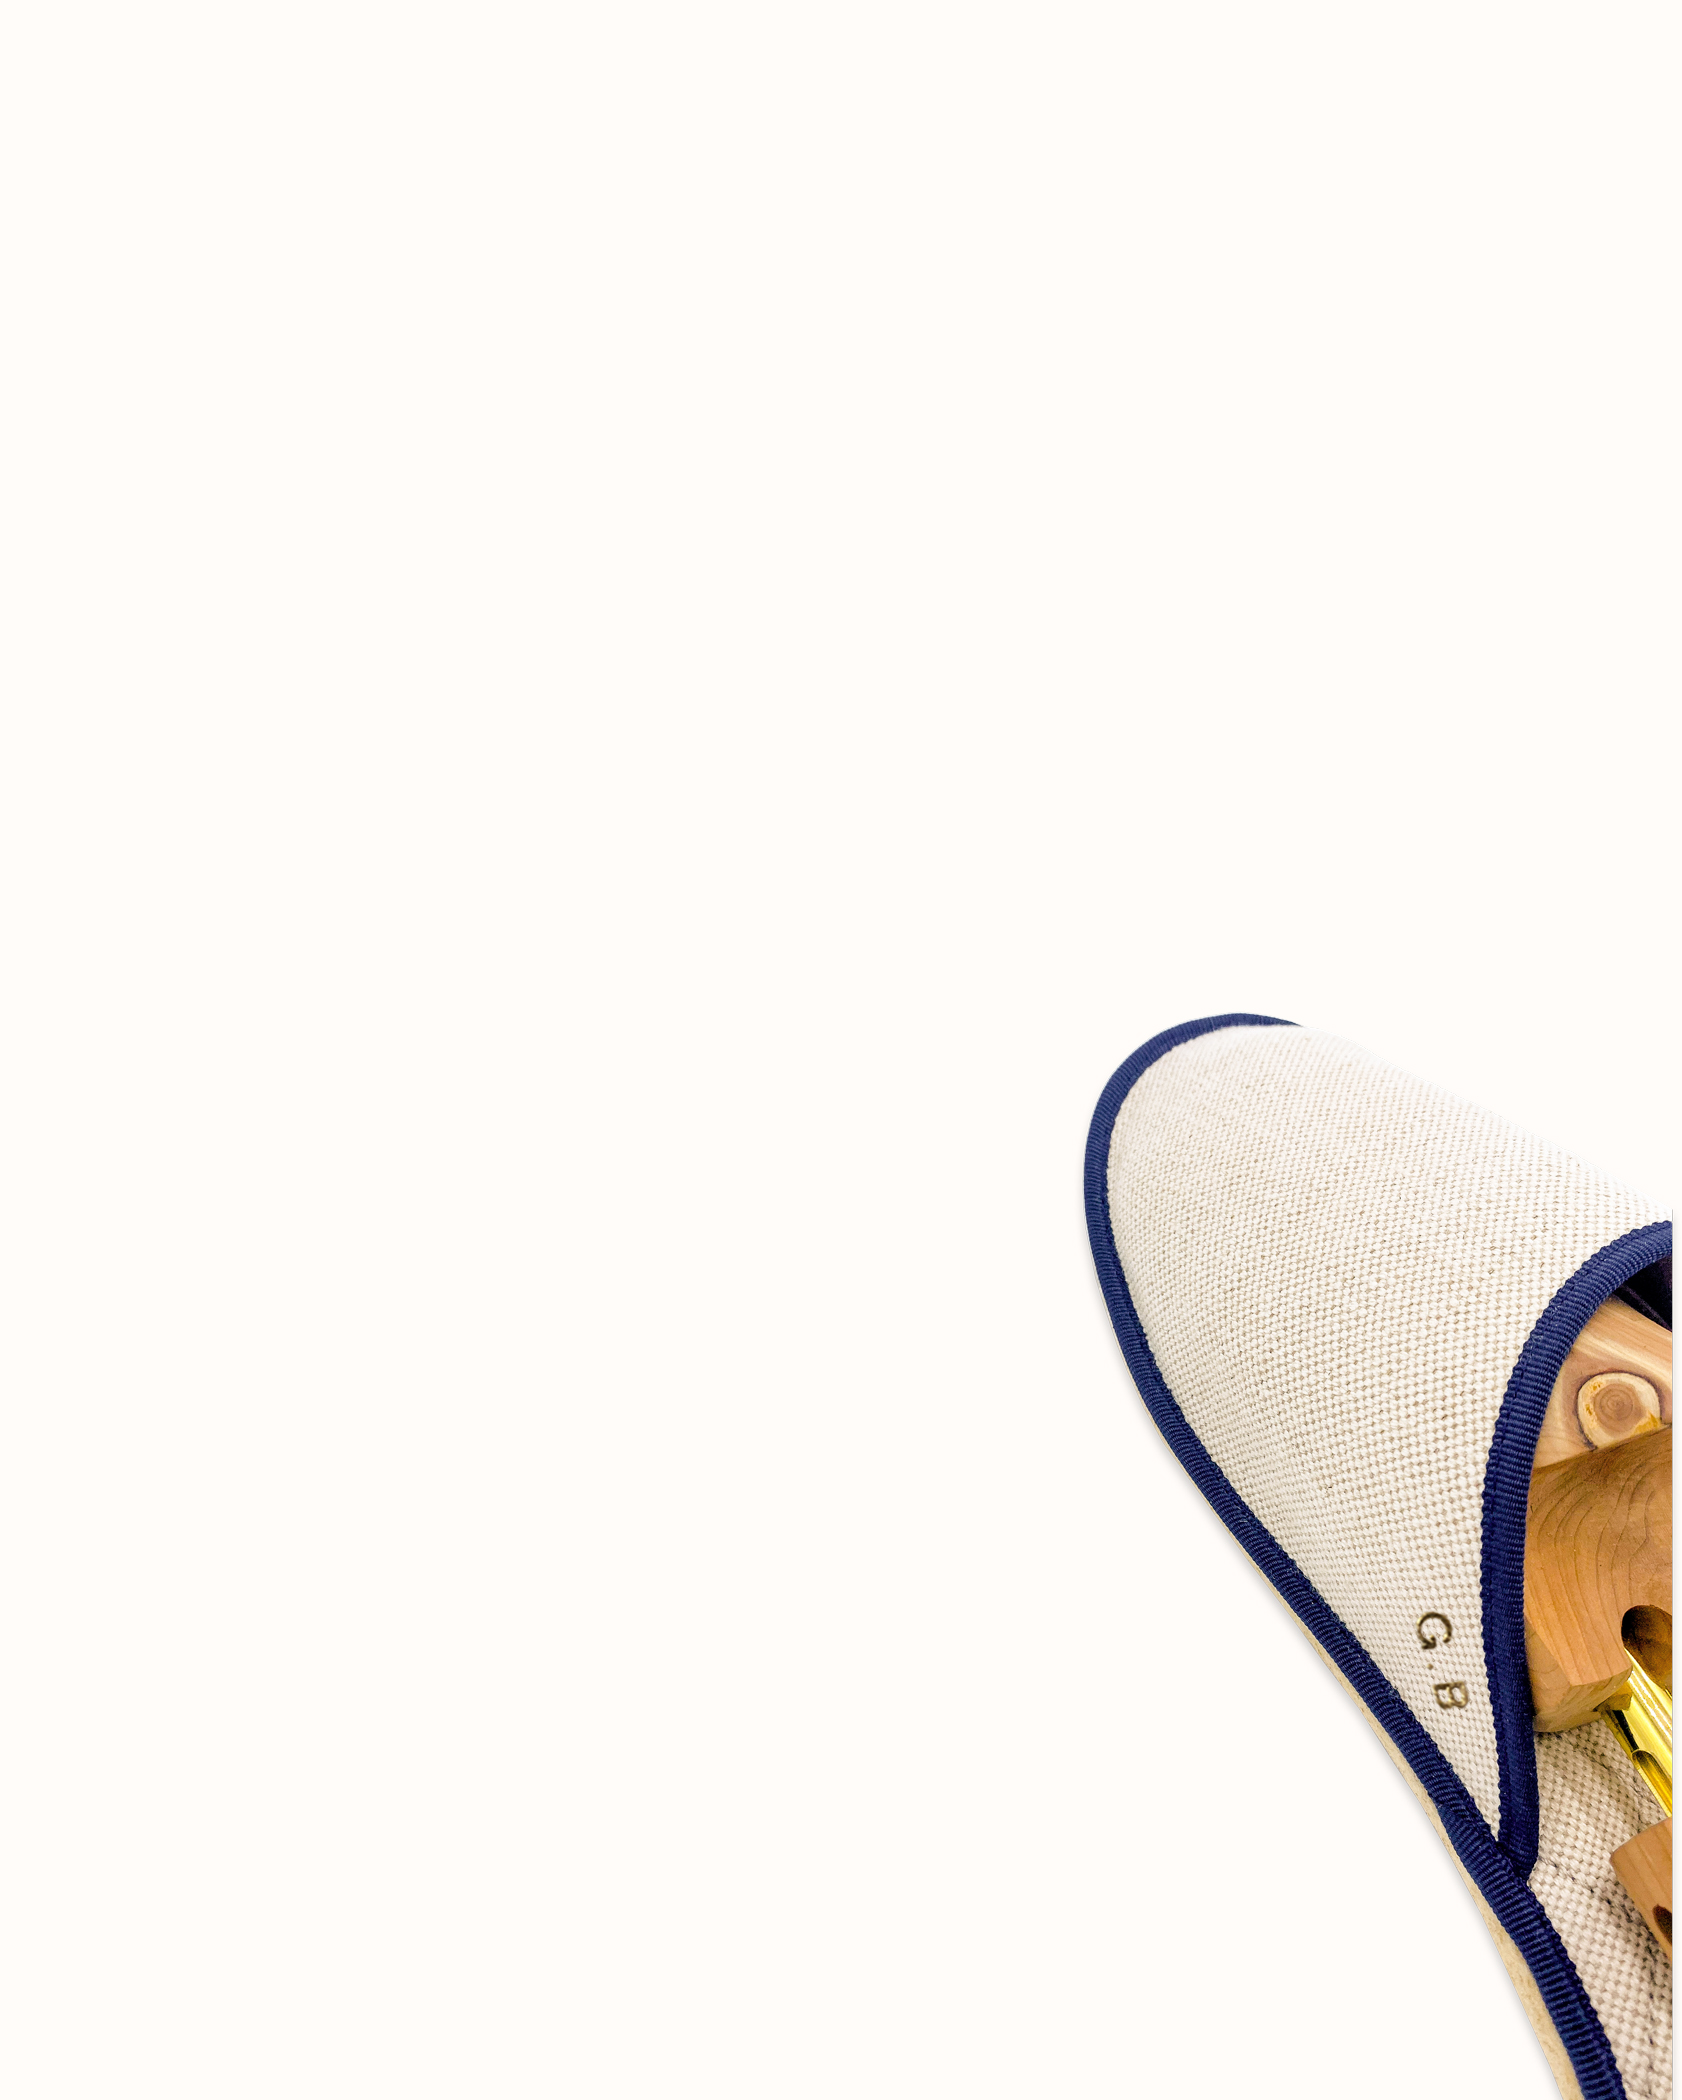 Chausson français pour homme, femme et enfant fabriqué en France. Modèle Slow d'Enfer (beige et bleu), une pantoufle comme à l'hôtel vêtue d'un rembourrage matelassé et d'une finition sophistiquée.